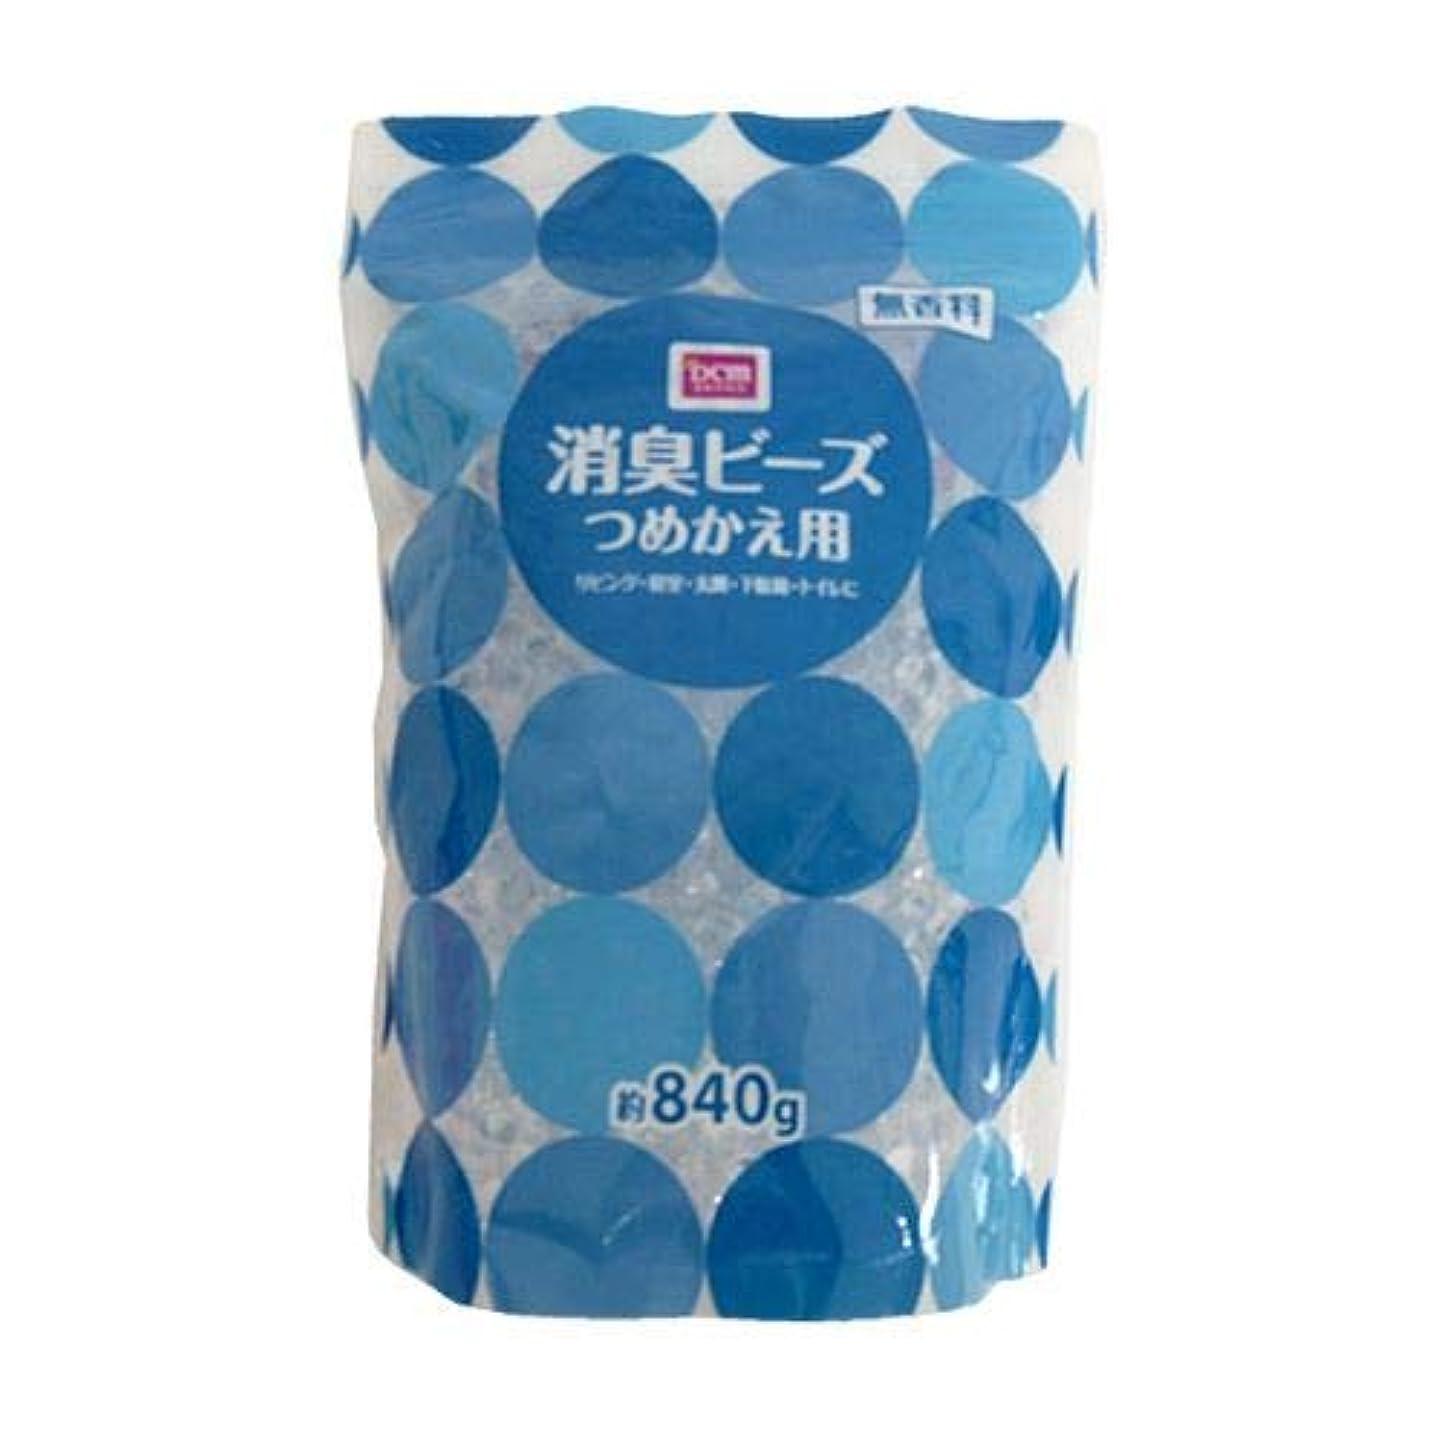 専門知識呼びかける階層消臭ビーズ 無香料 840g 詰替用